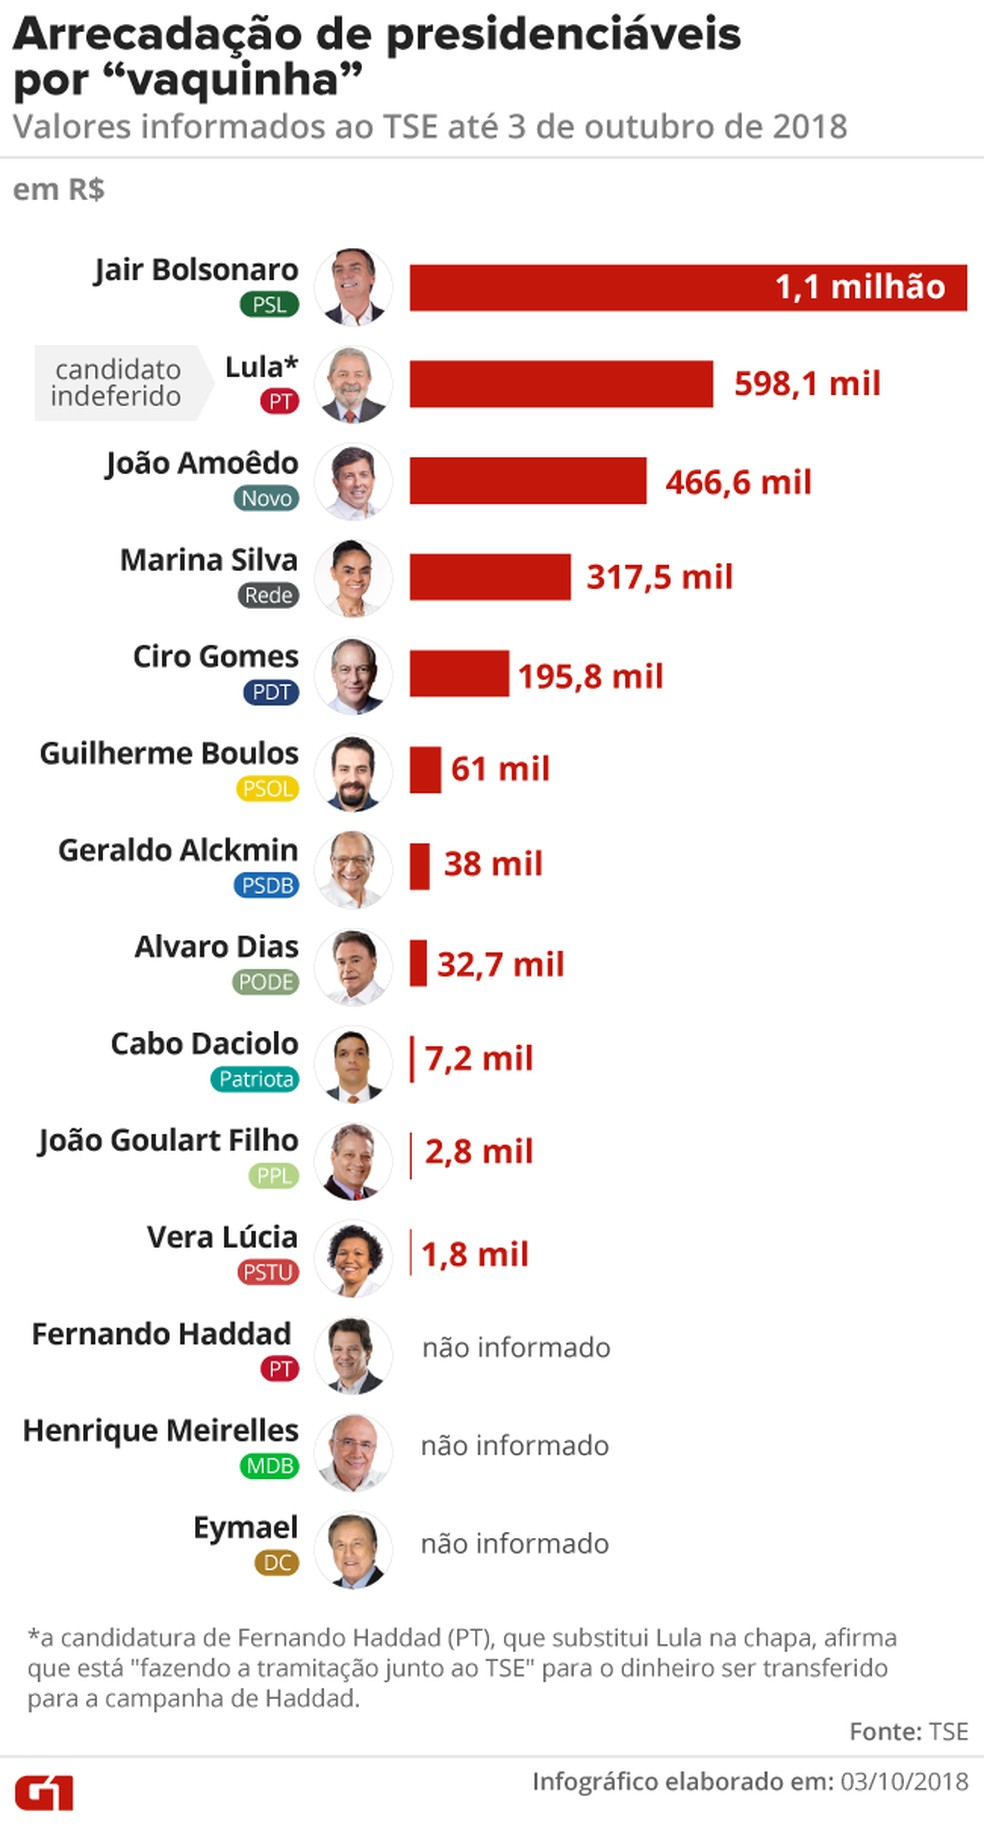 """Arrecadação de presidenciáveis por """"vaquinha"""": valores informados ao TSE até 3 de outubro de 2018 — Foto: Alexandre Mauro / G1"""